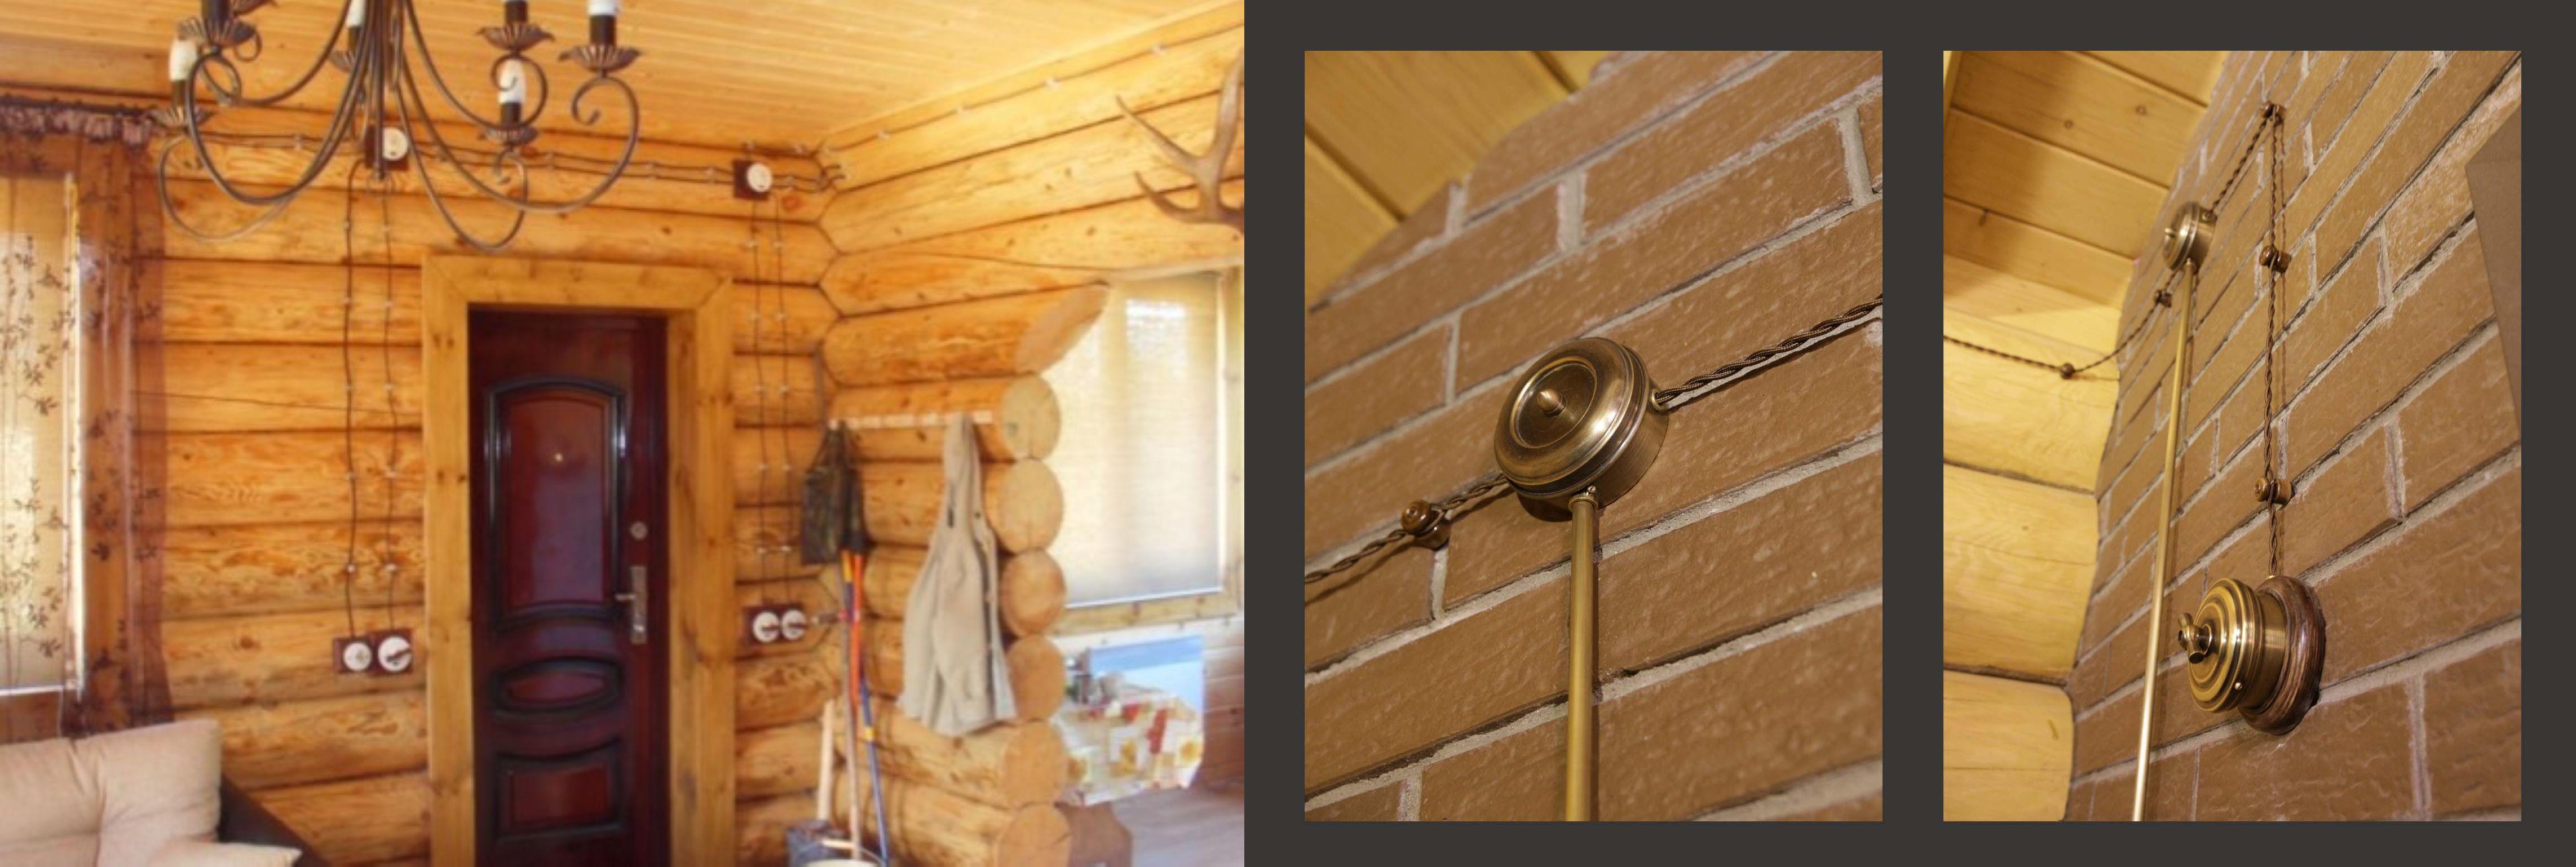 Ретро проводка в деревянном доме: особенности